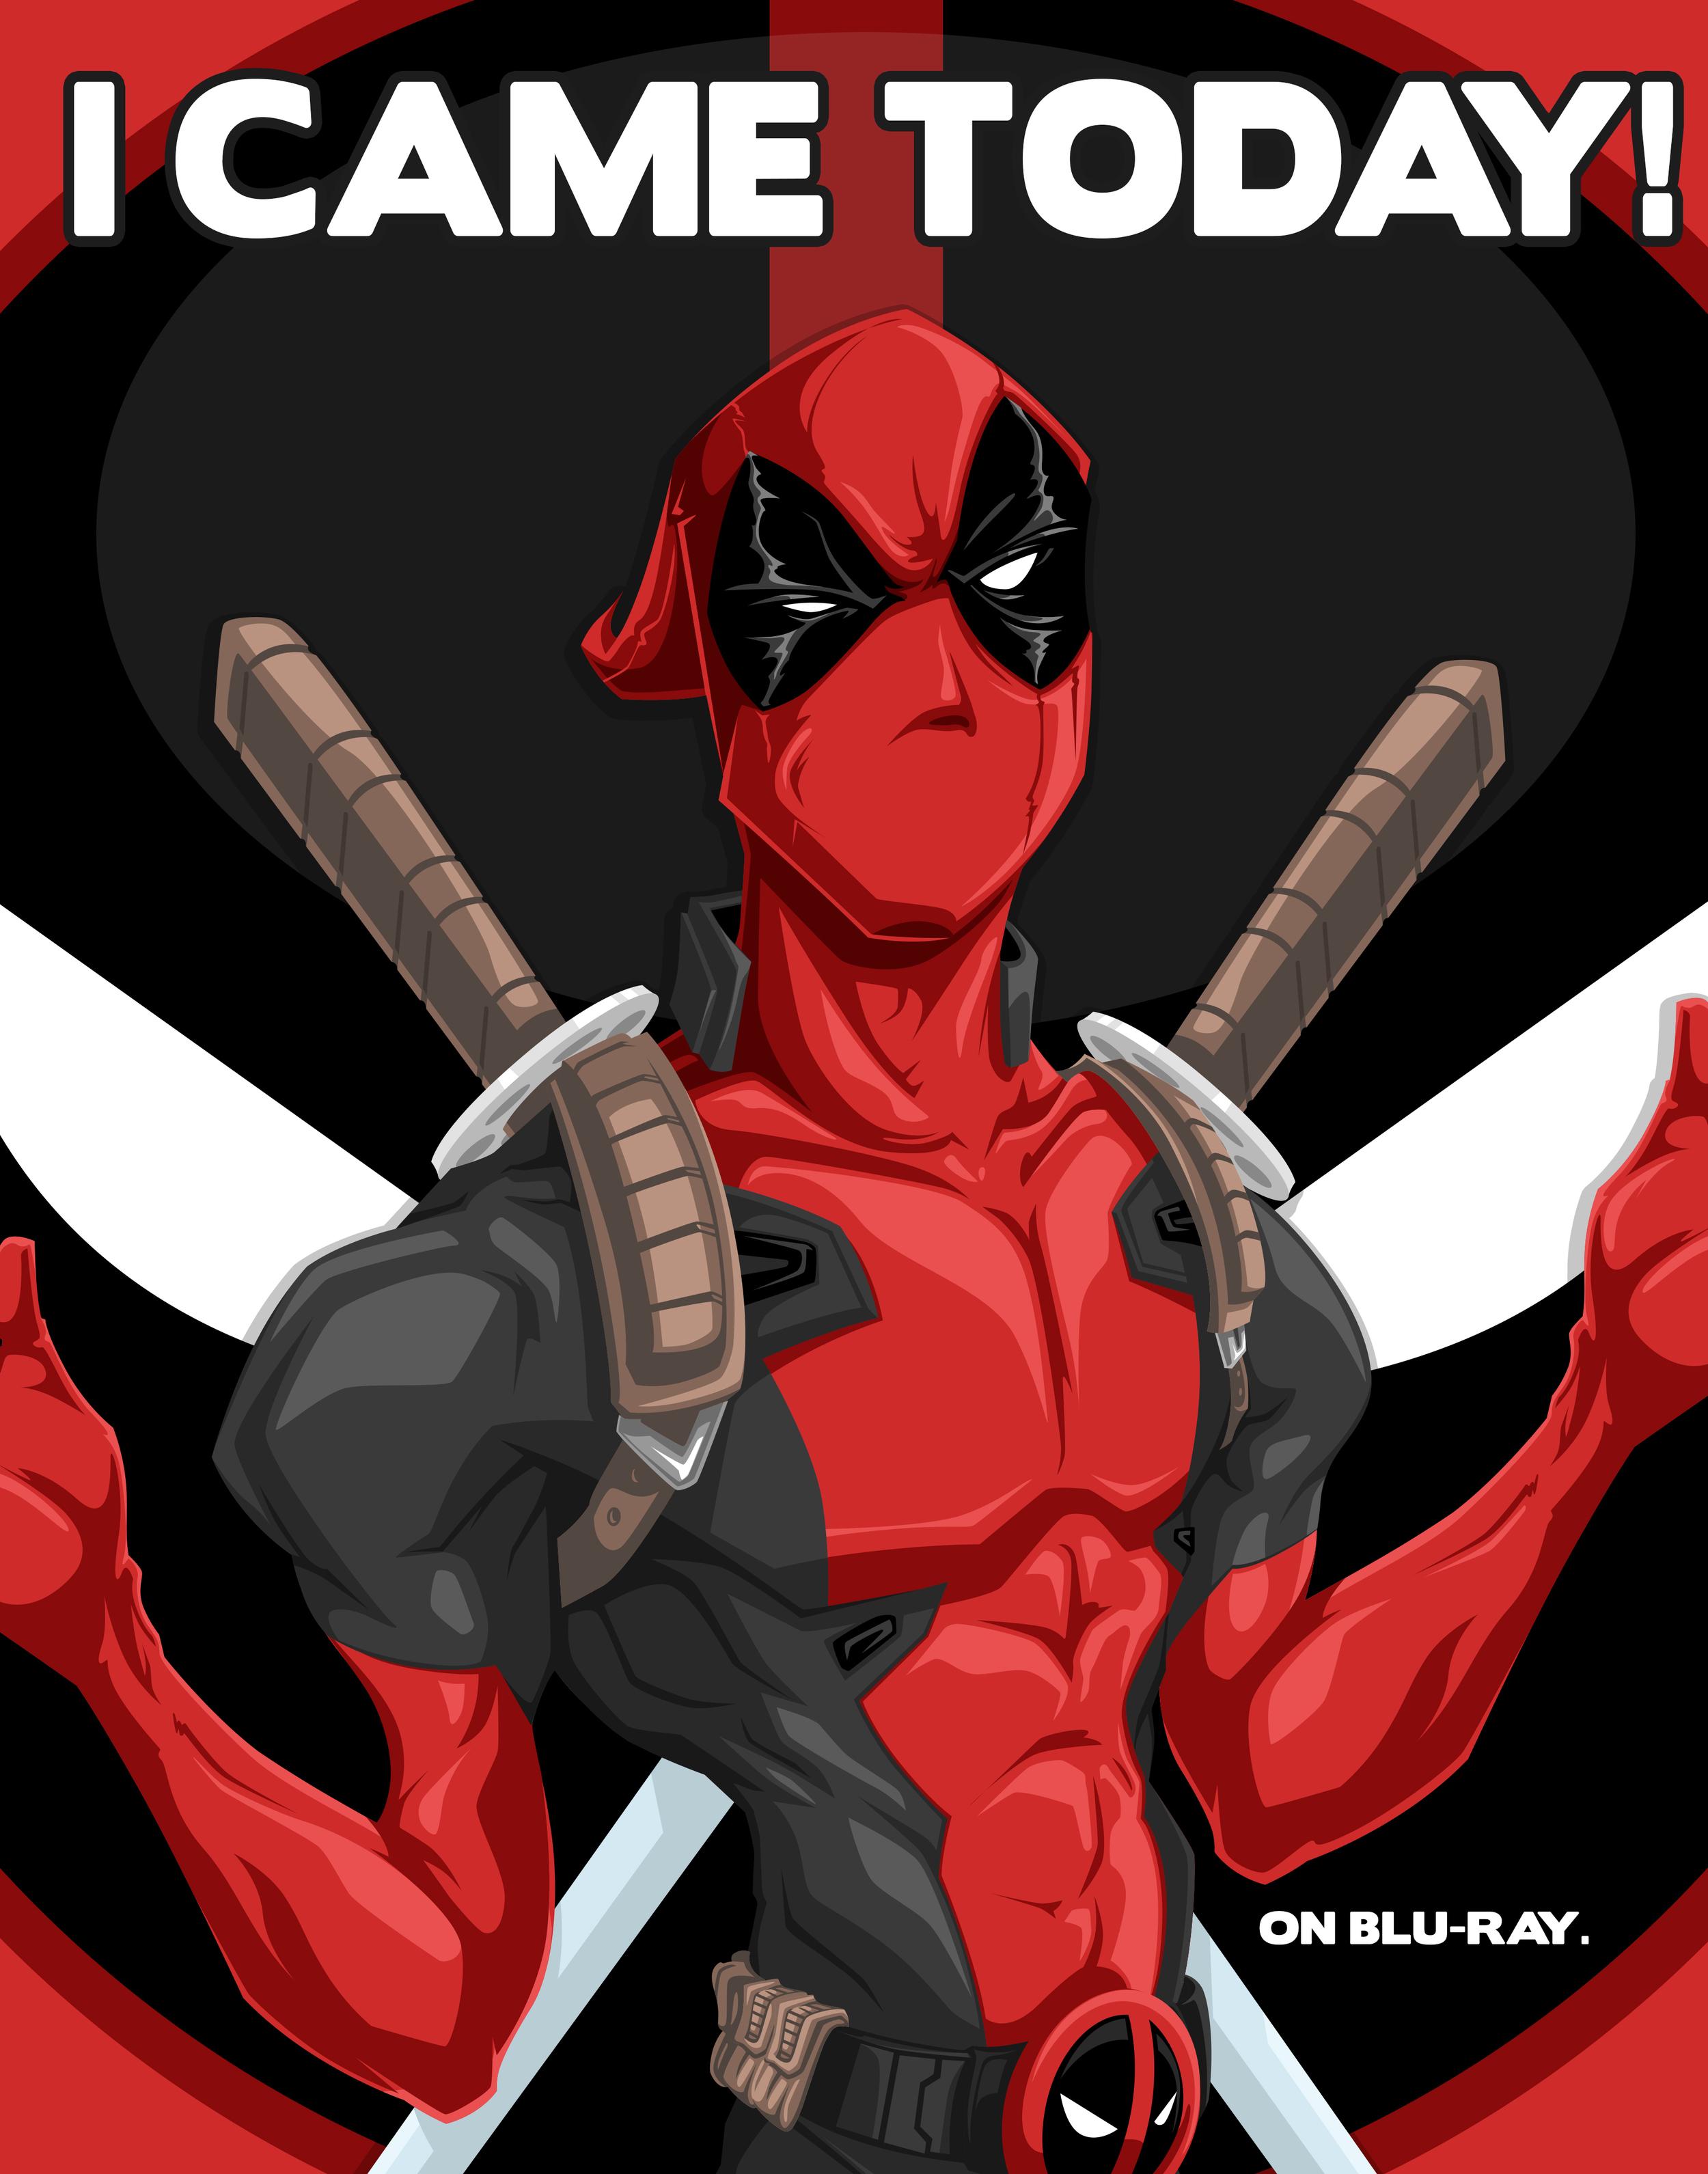 Deadpool bluray release..